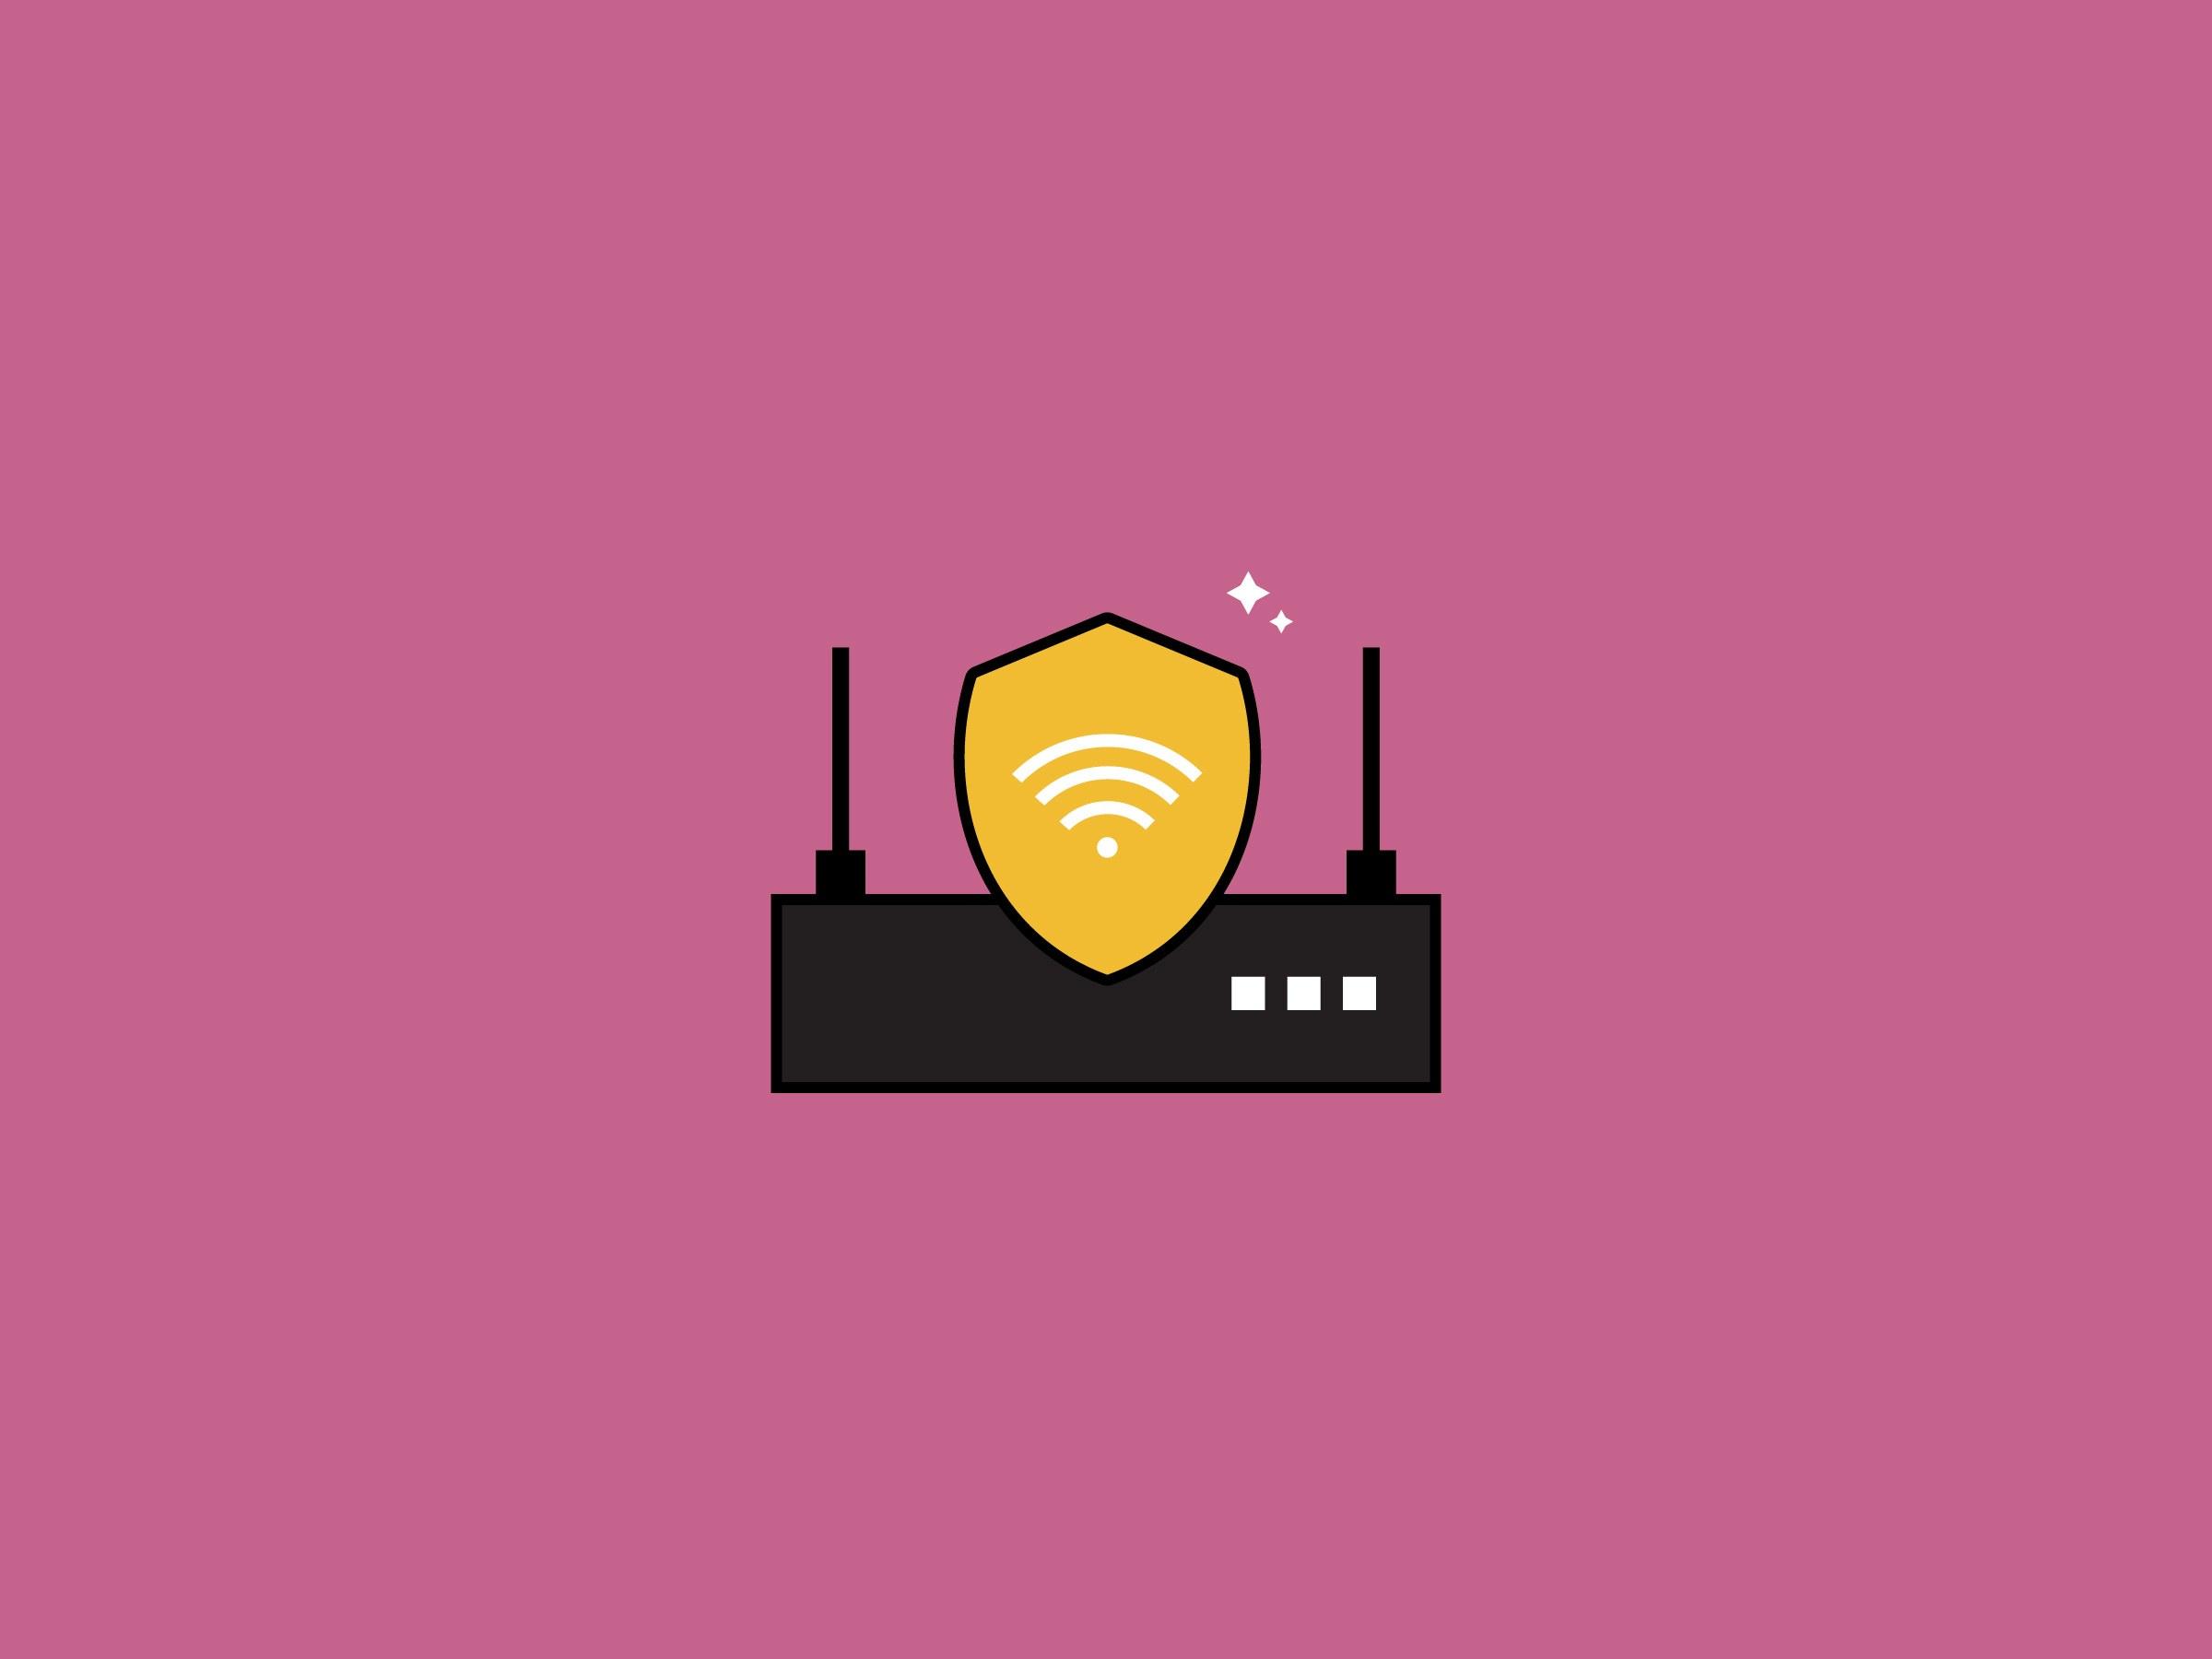 یک قدم به سوی امنیت بیشتر؛ با استاندارد WPA3 آشنا شوید